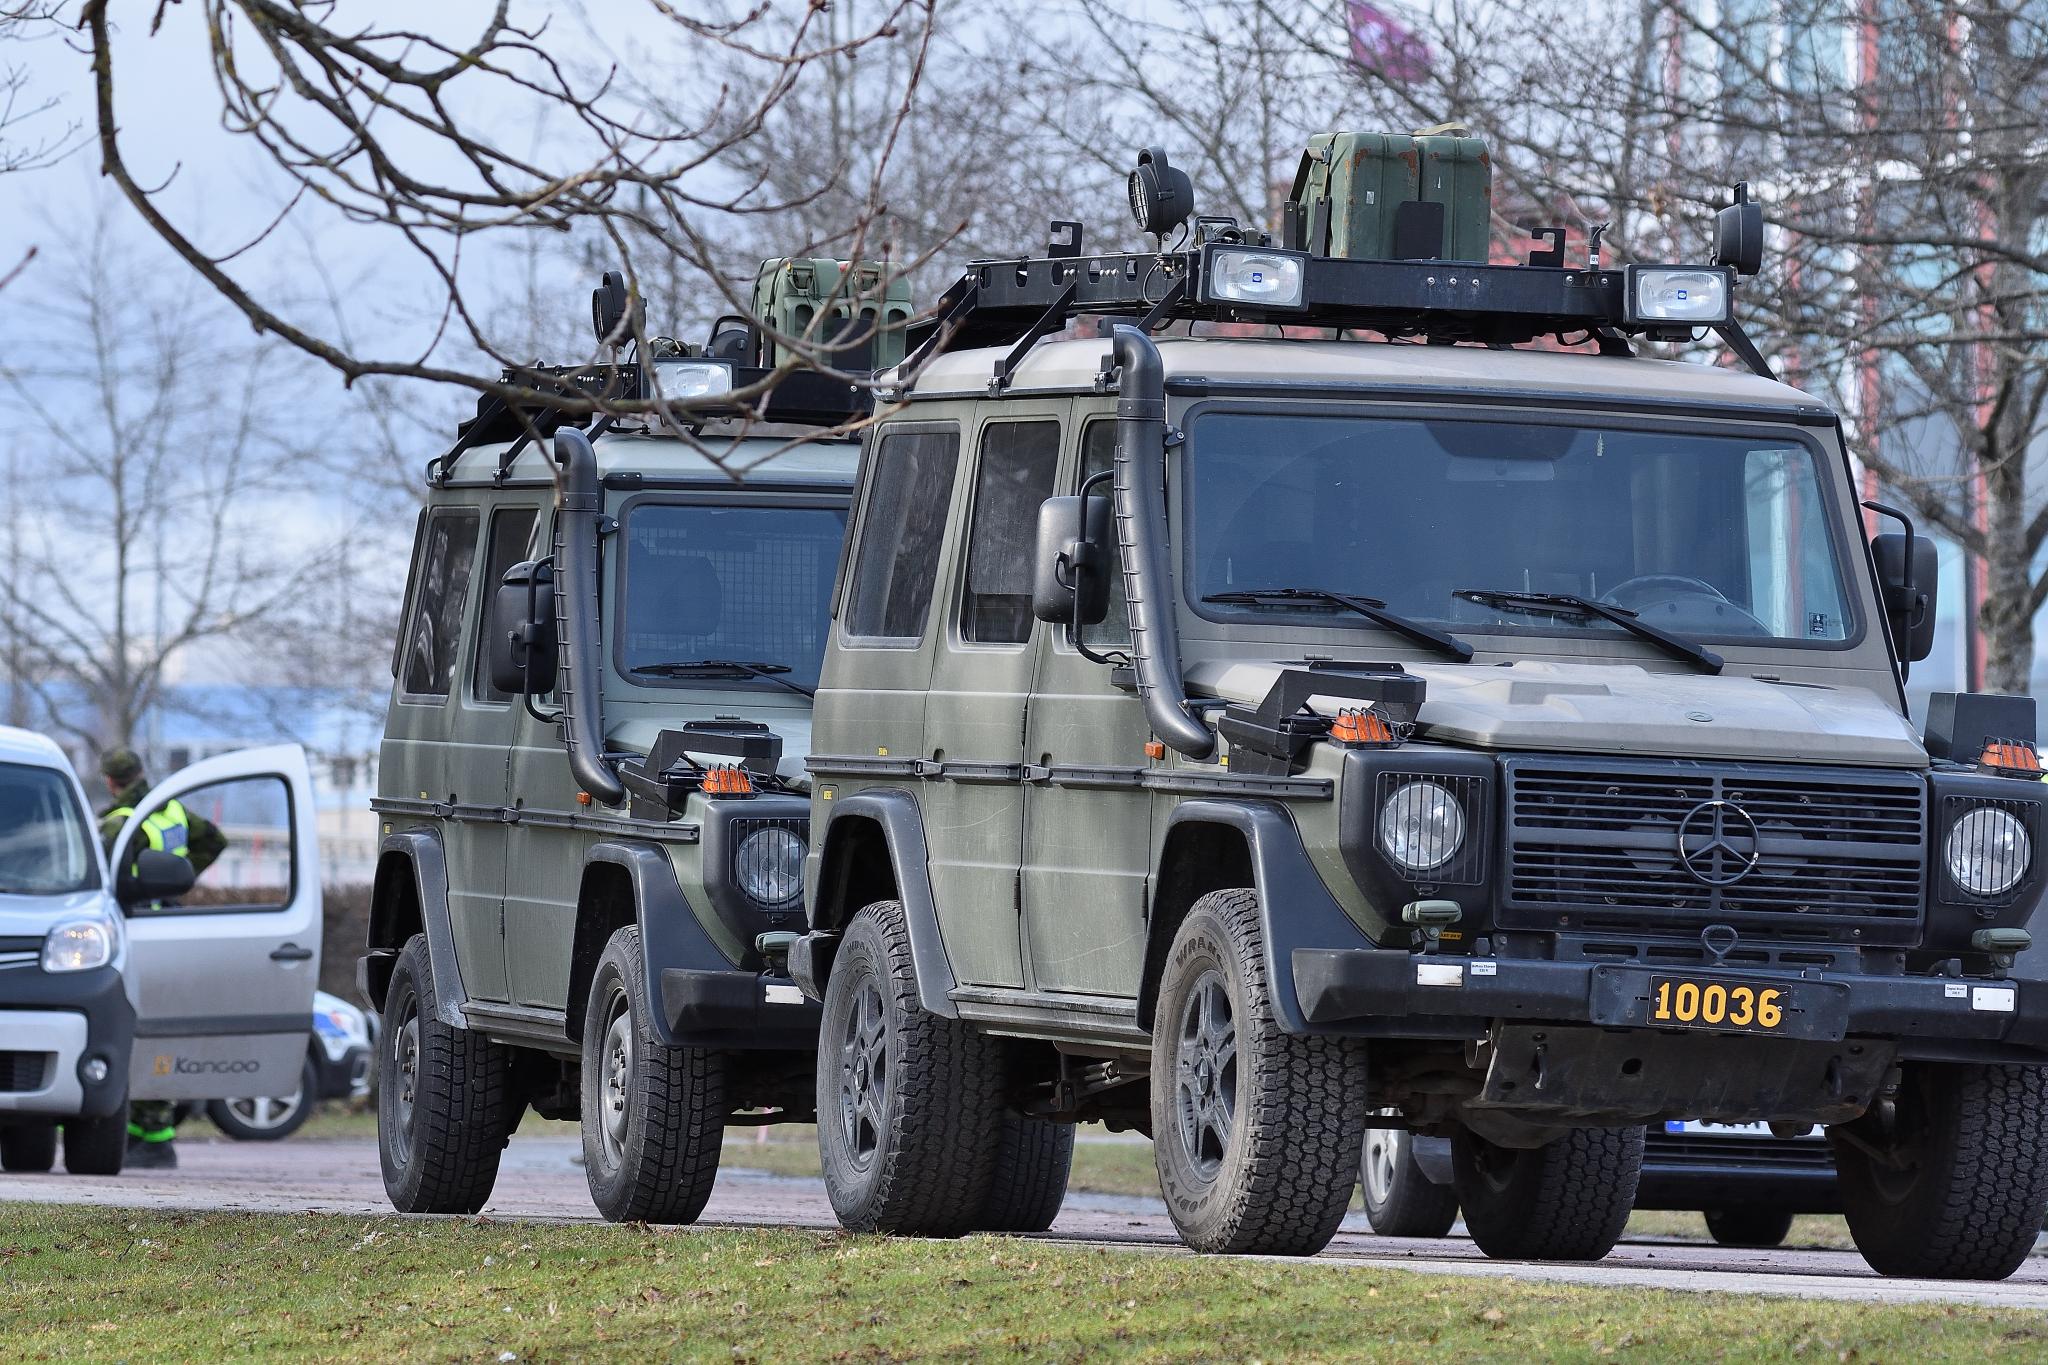 Trafikonroll polis och militär